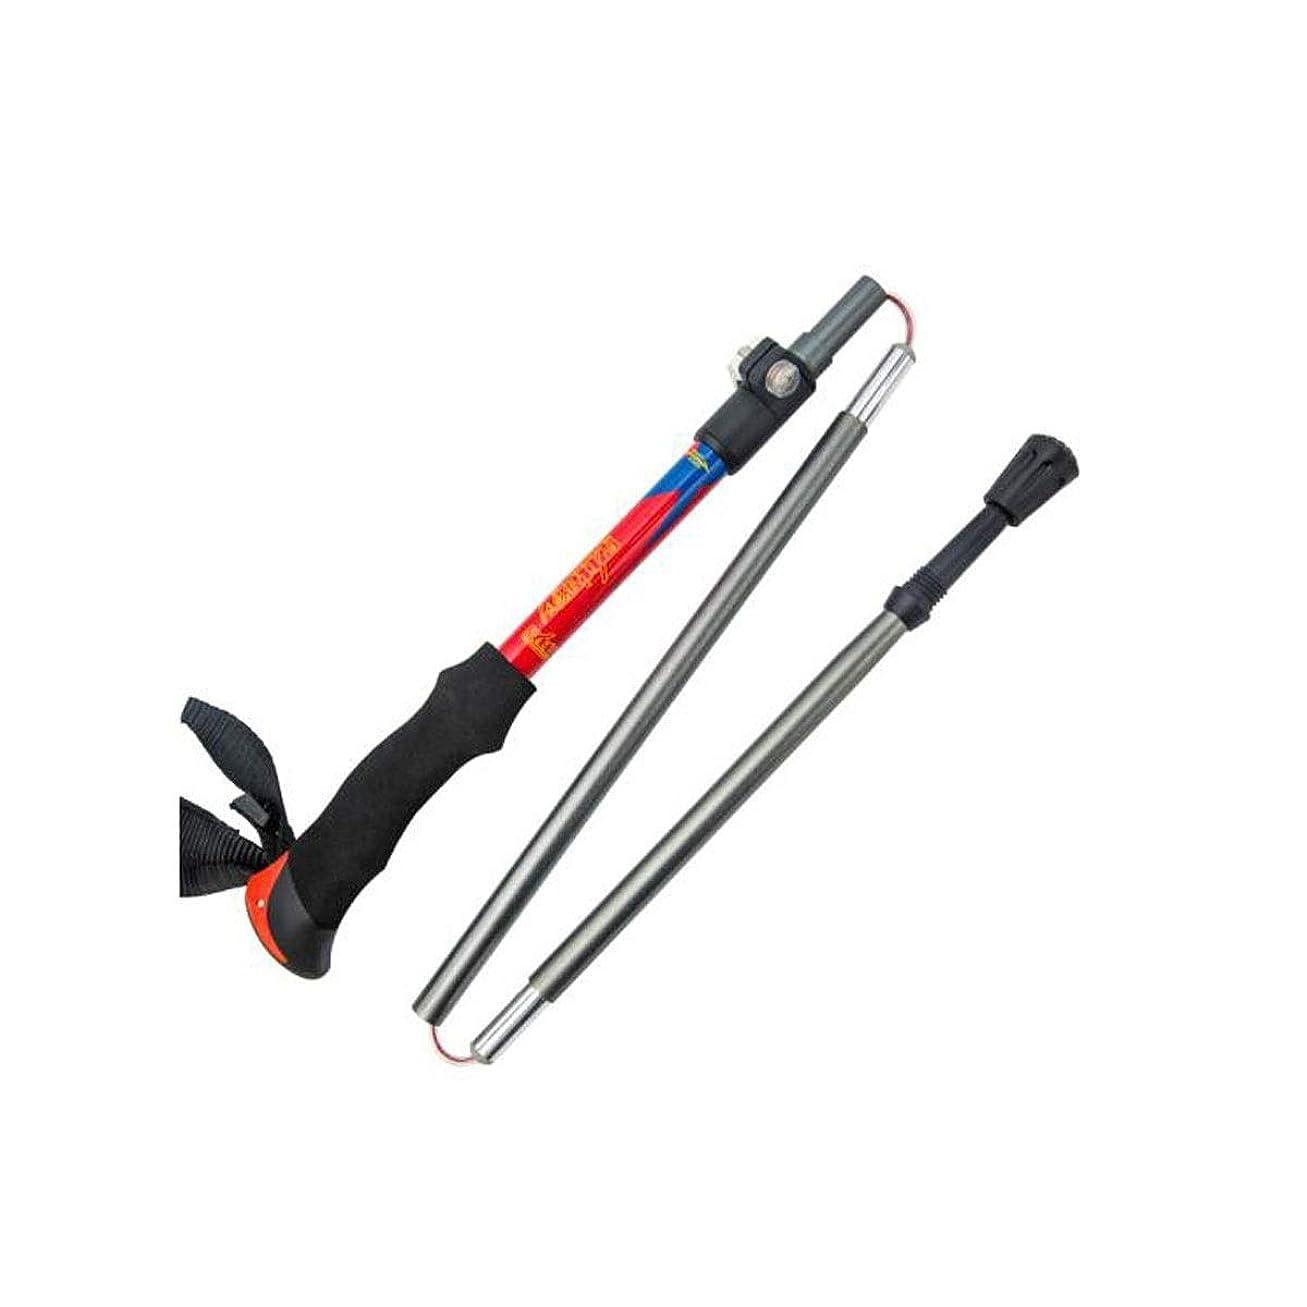 グラマー調停するオーバーランXIONGHAIZI 屋外折りたたみトレッキングポール、滑り止めポータブル、ストレートグリップアルミニウム杖、赤、青